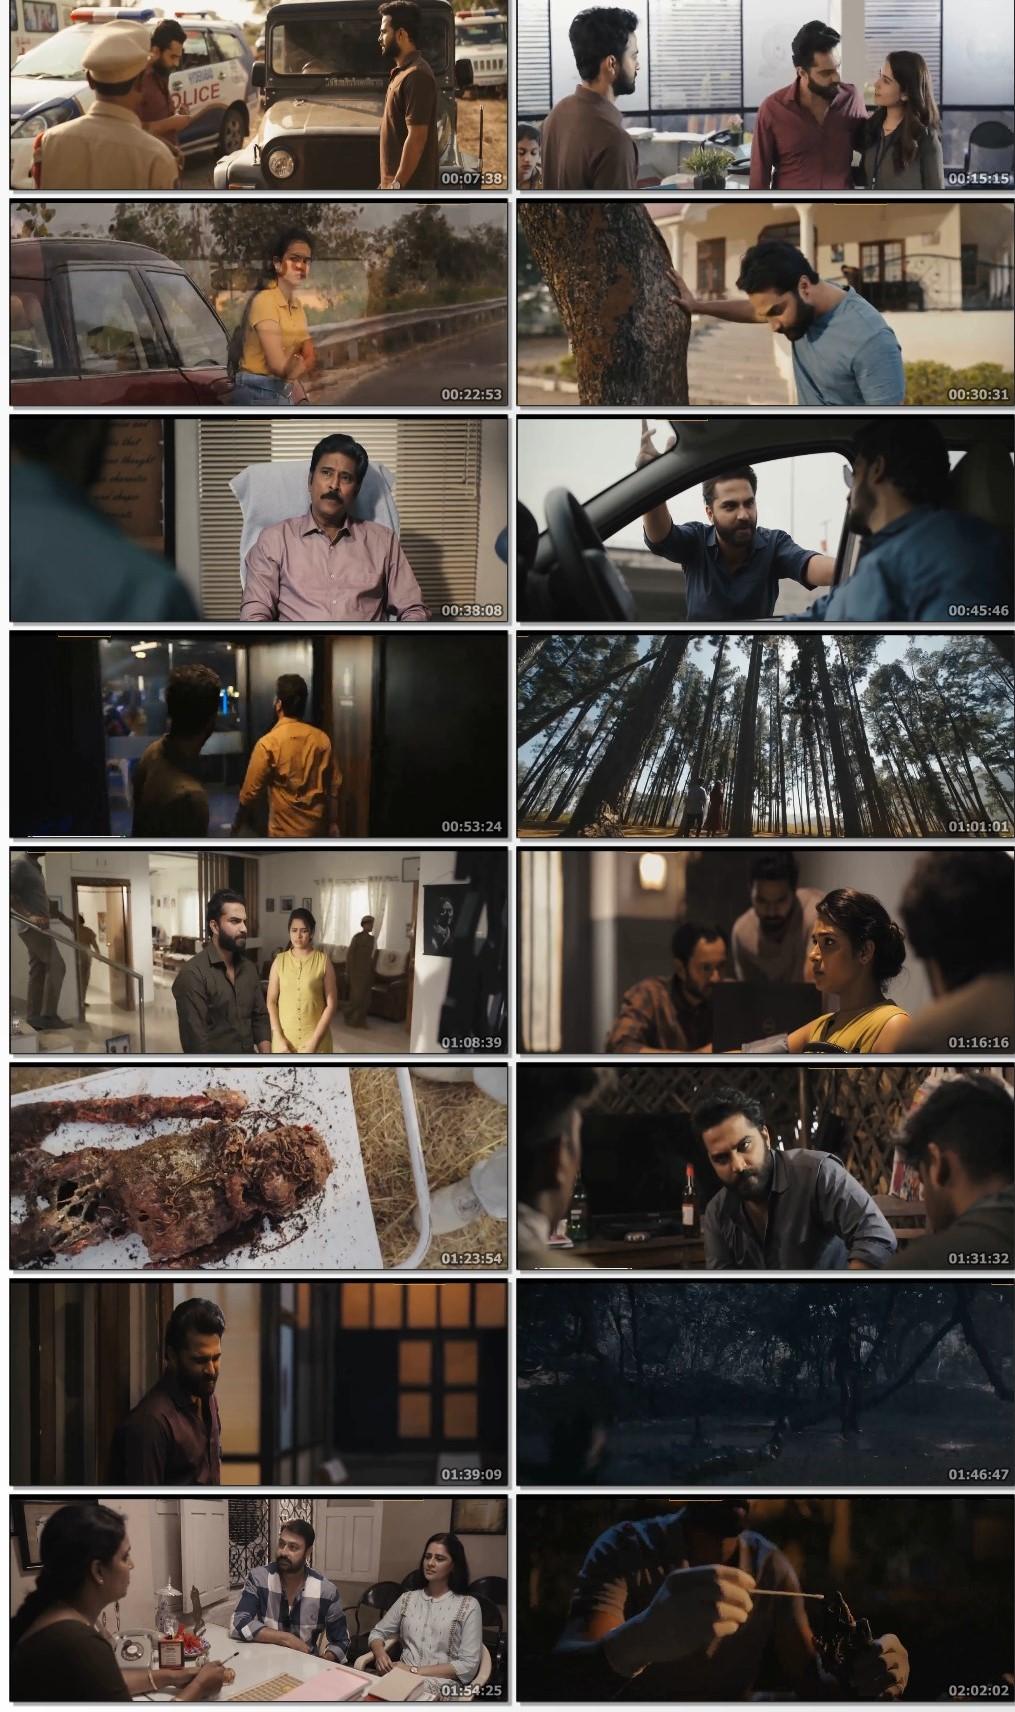 Hit-2020-l-HQ-Hindi-Dubbed-720p-HDRip-1-GB-mkv-thumbsdf4376bbd1f9e307